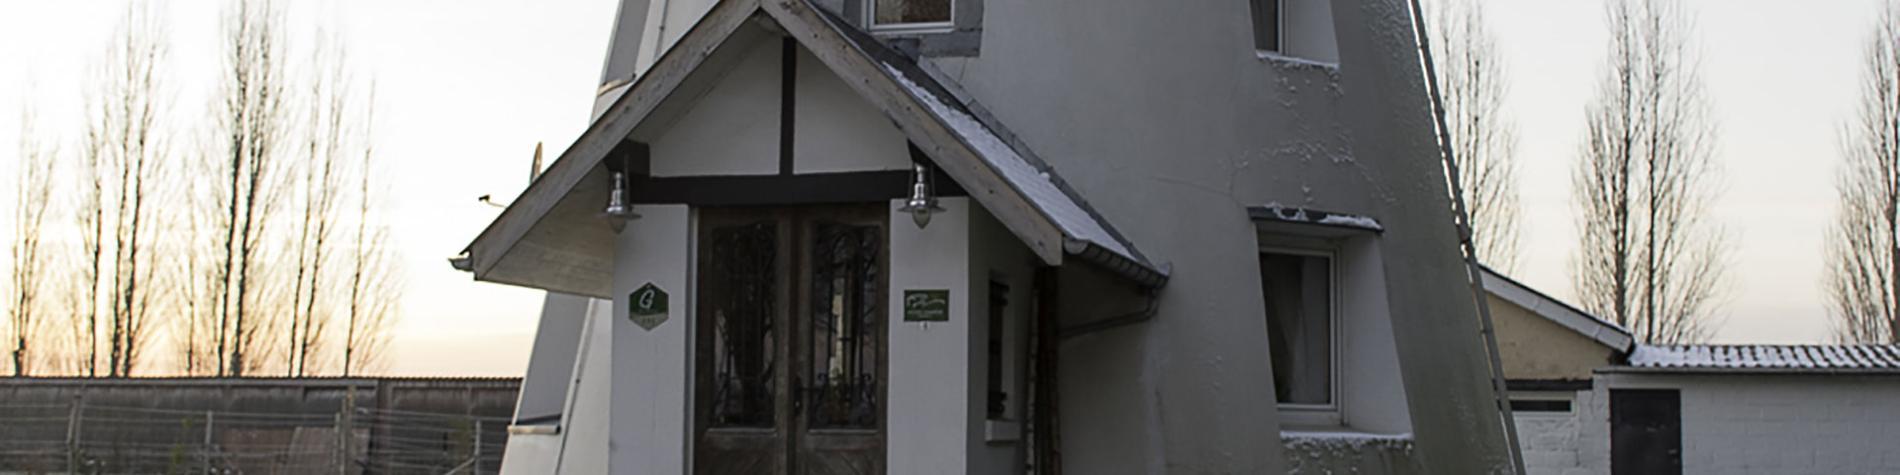 ferme - moulin - Hébergement insolite